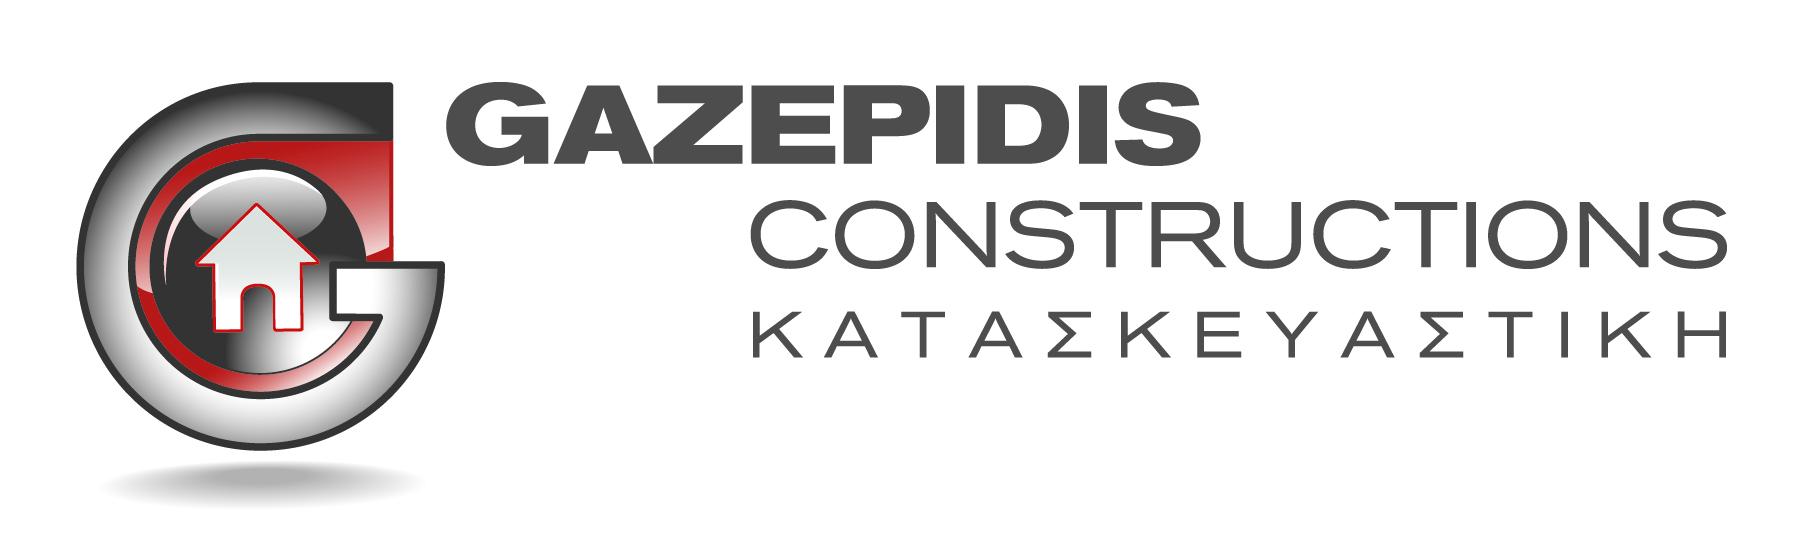 GAZEPIDIS_LOGO_2